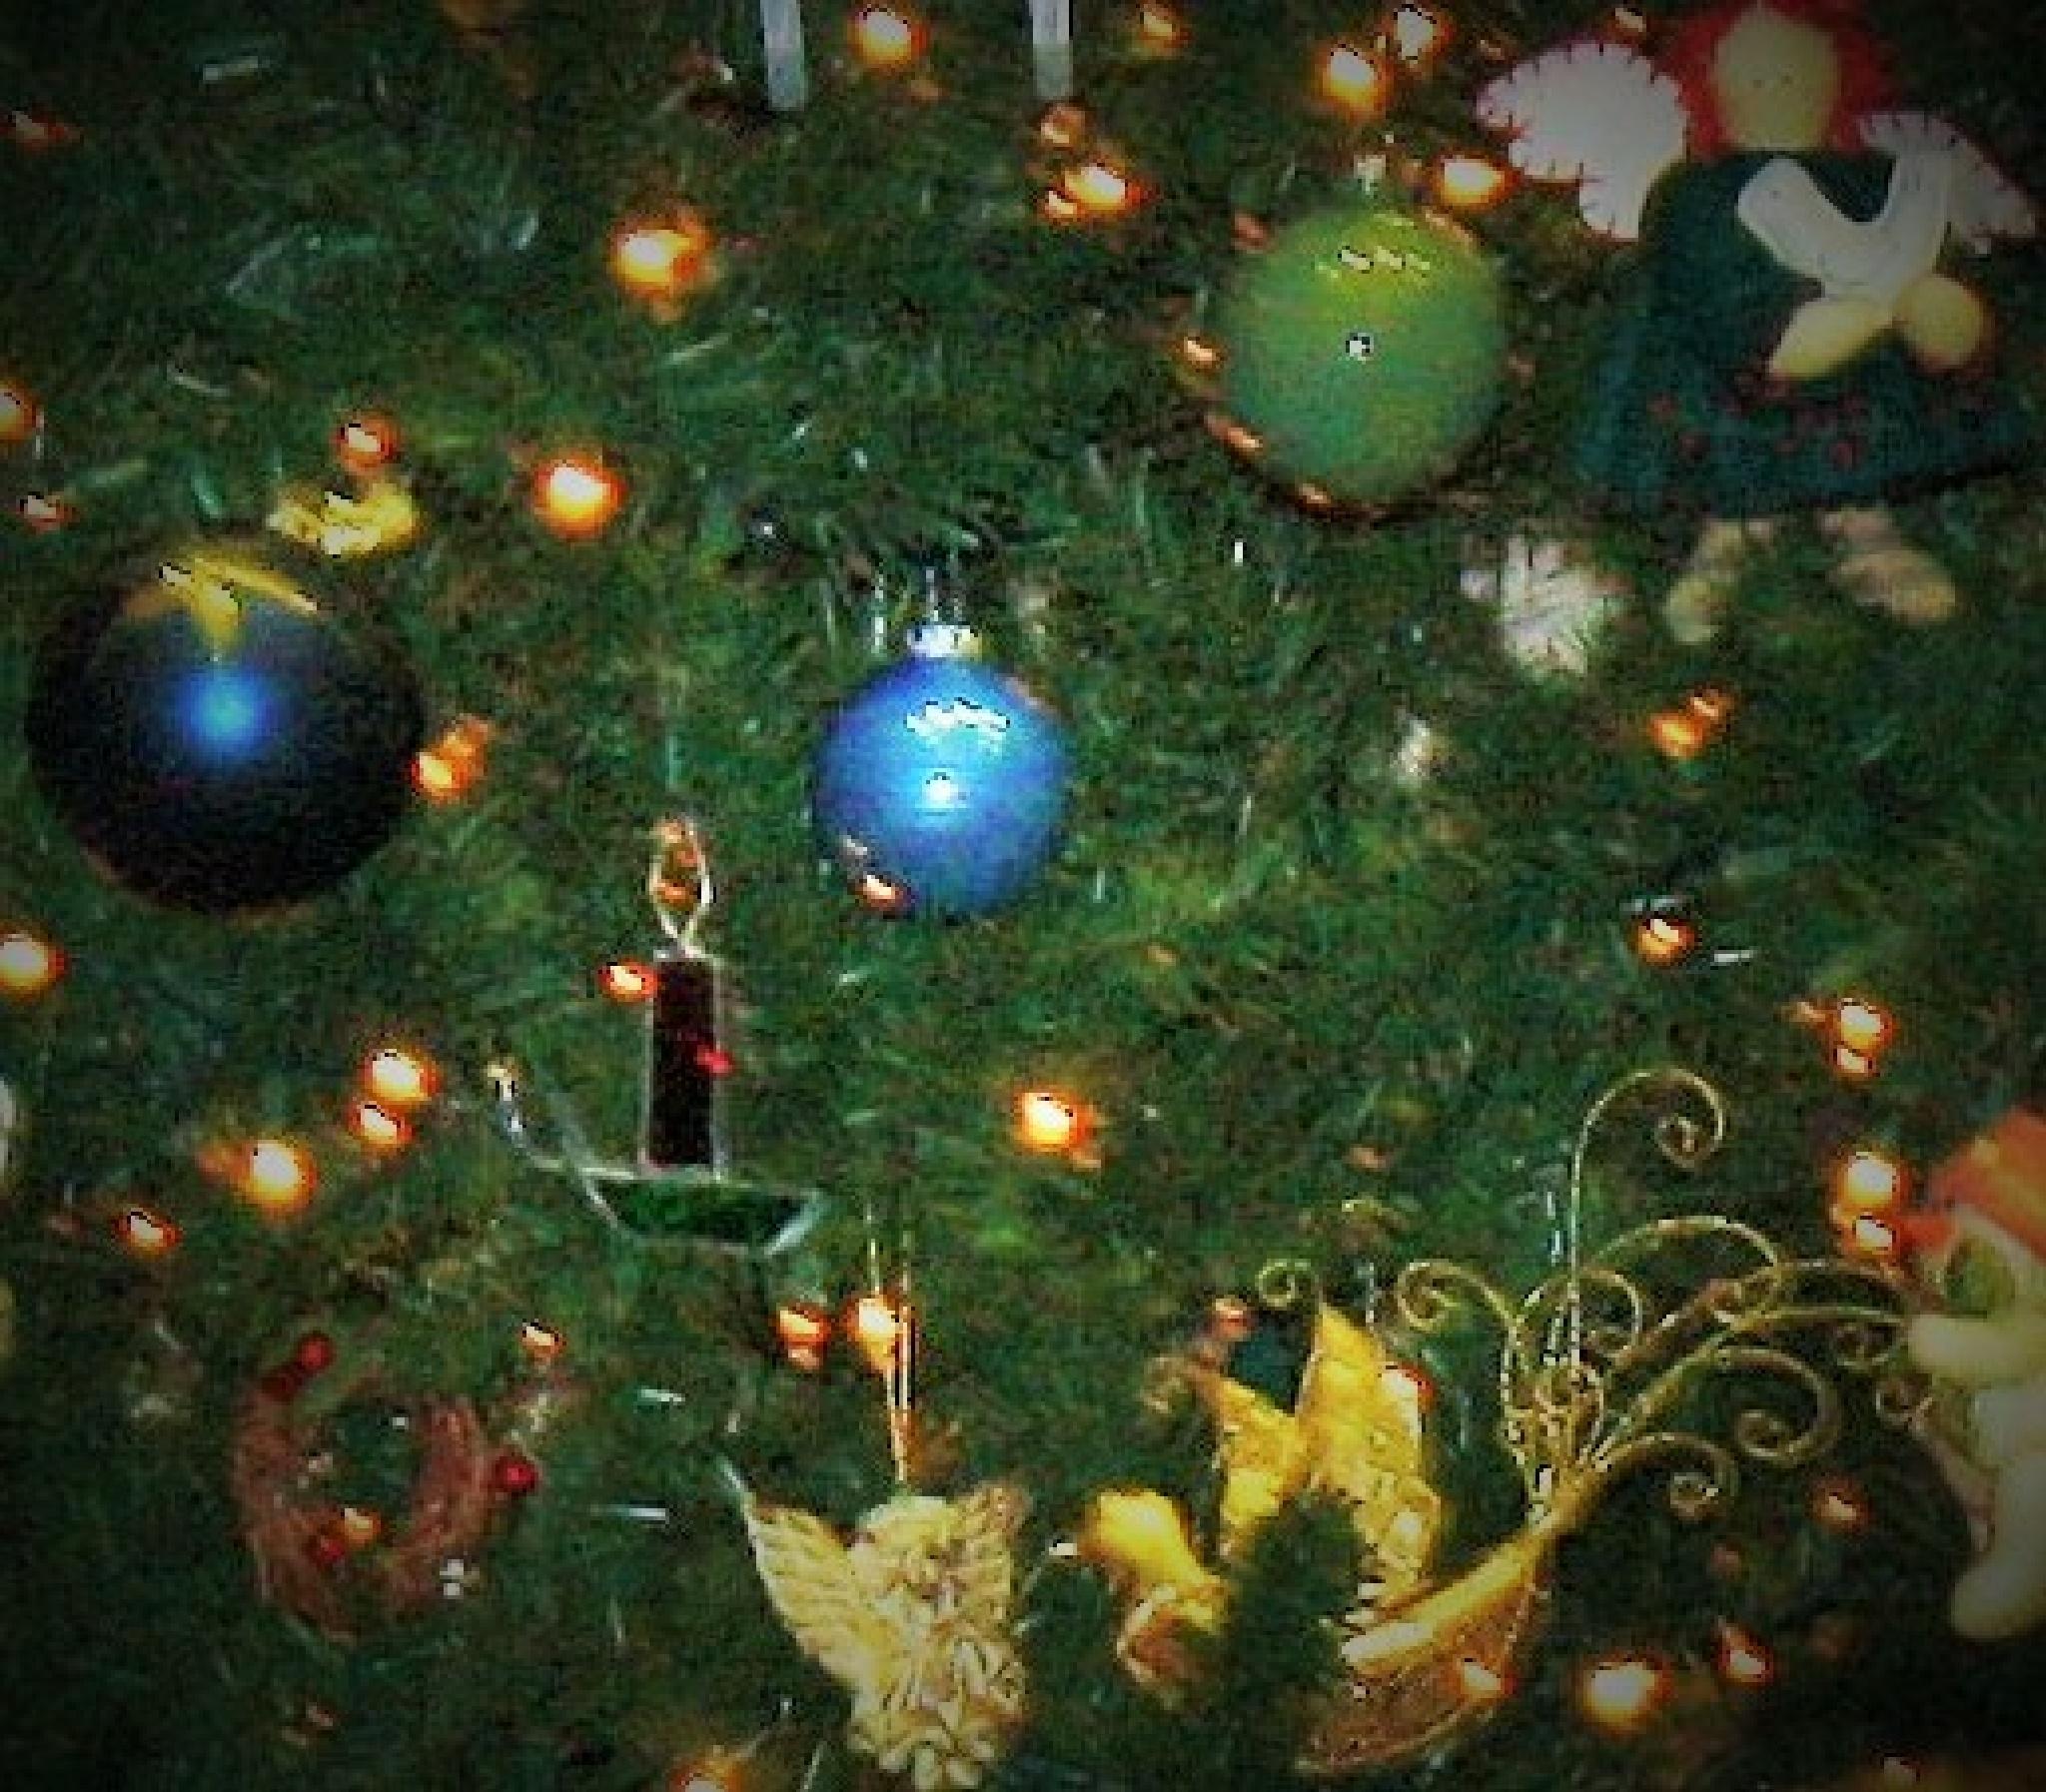 Tree by joann.kunkle